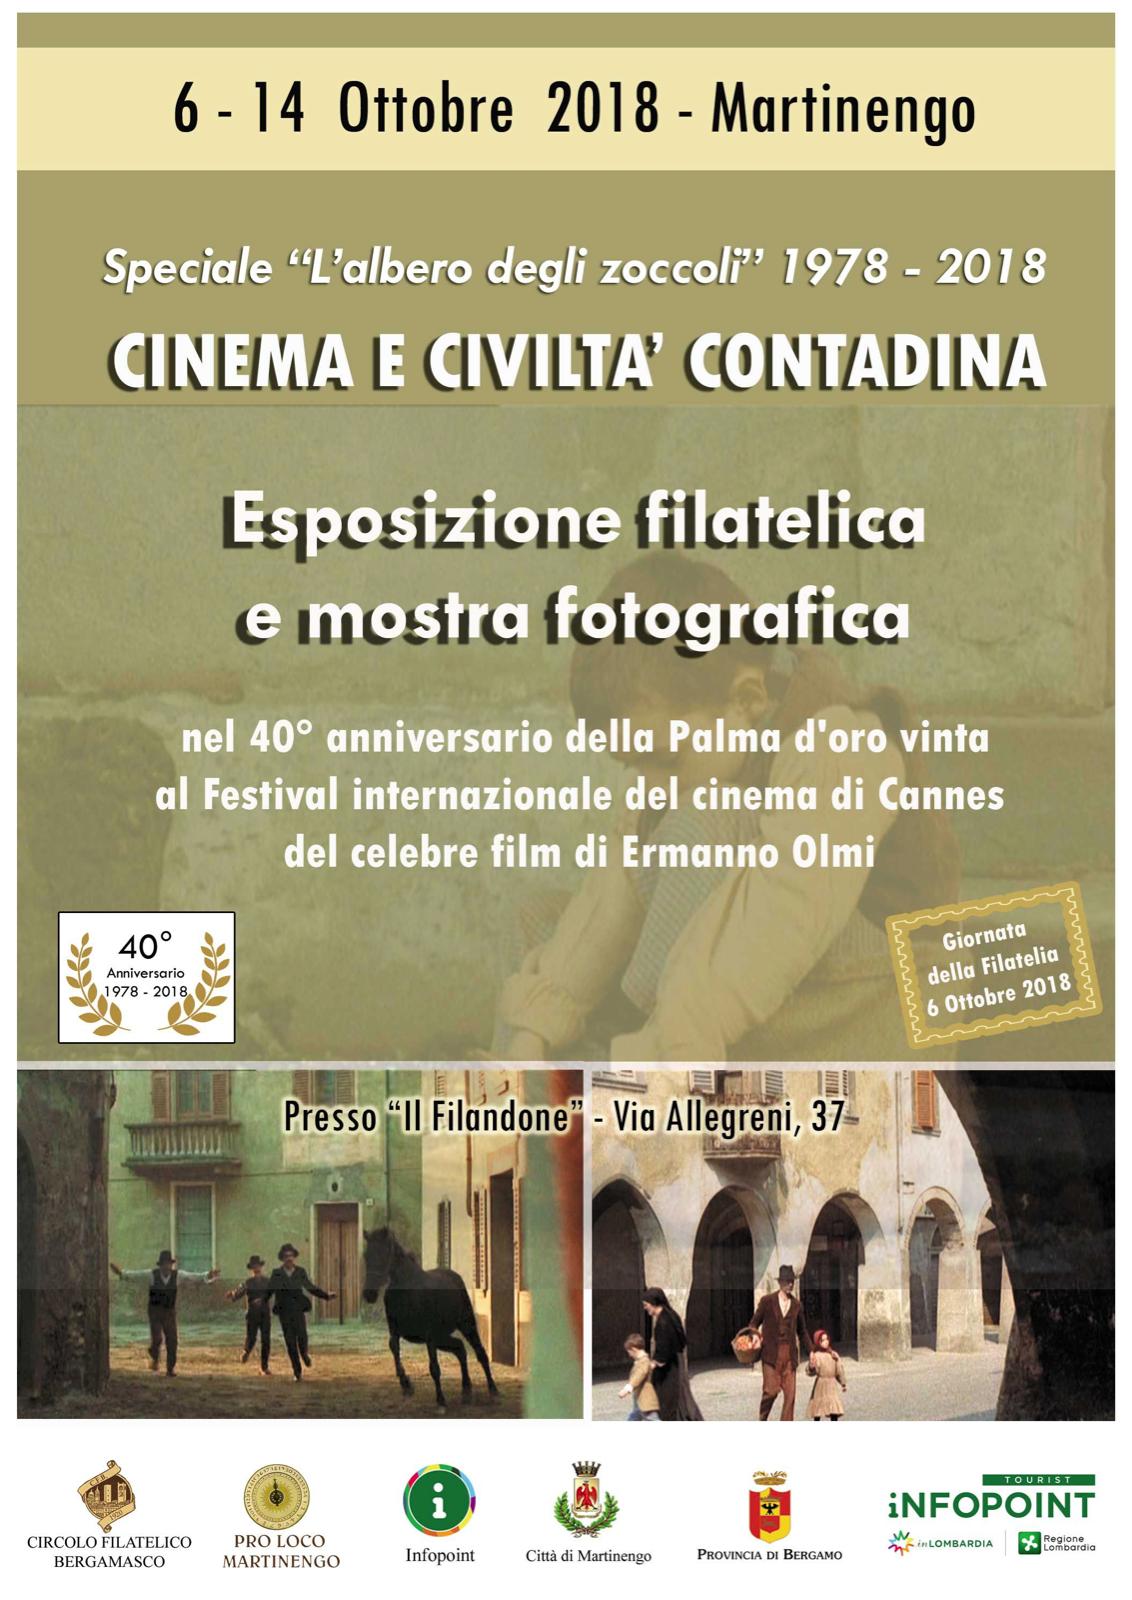 Cinema e civiltà contadina